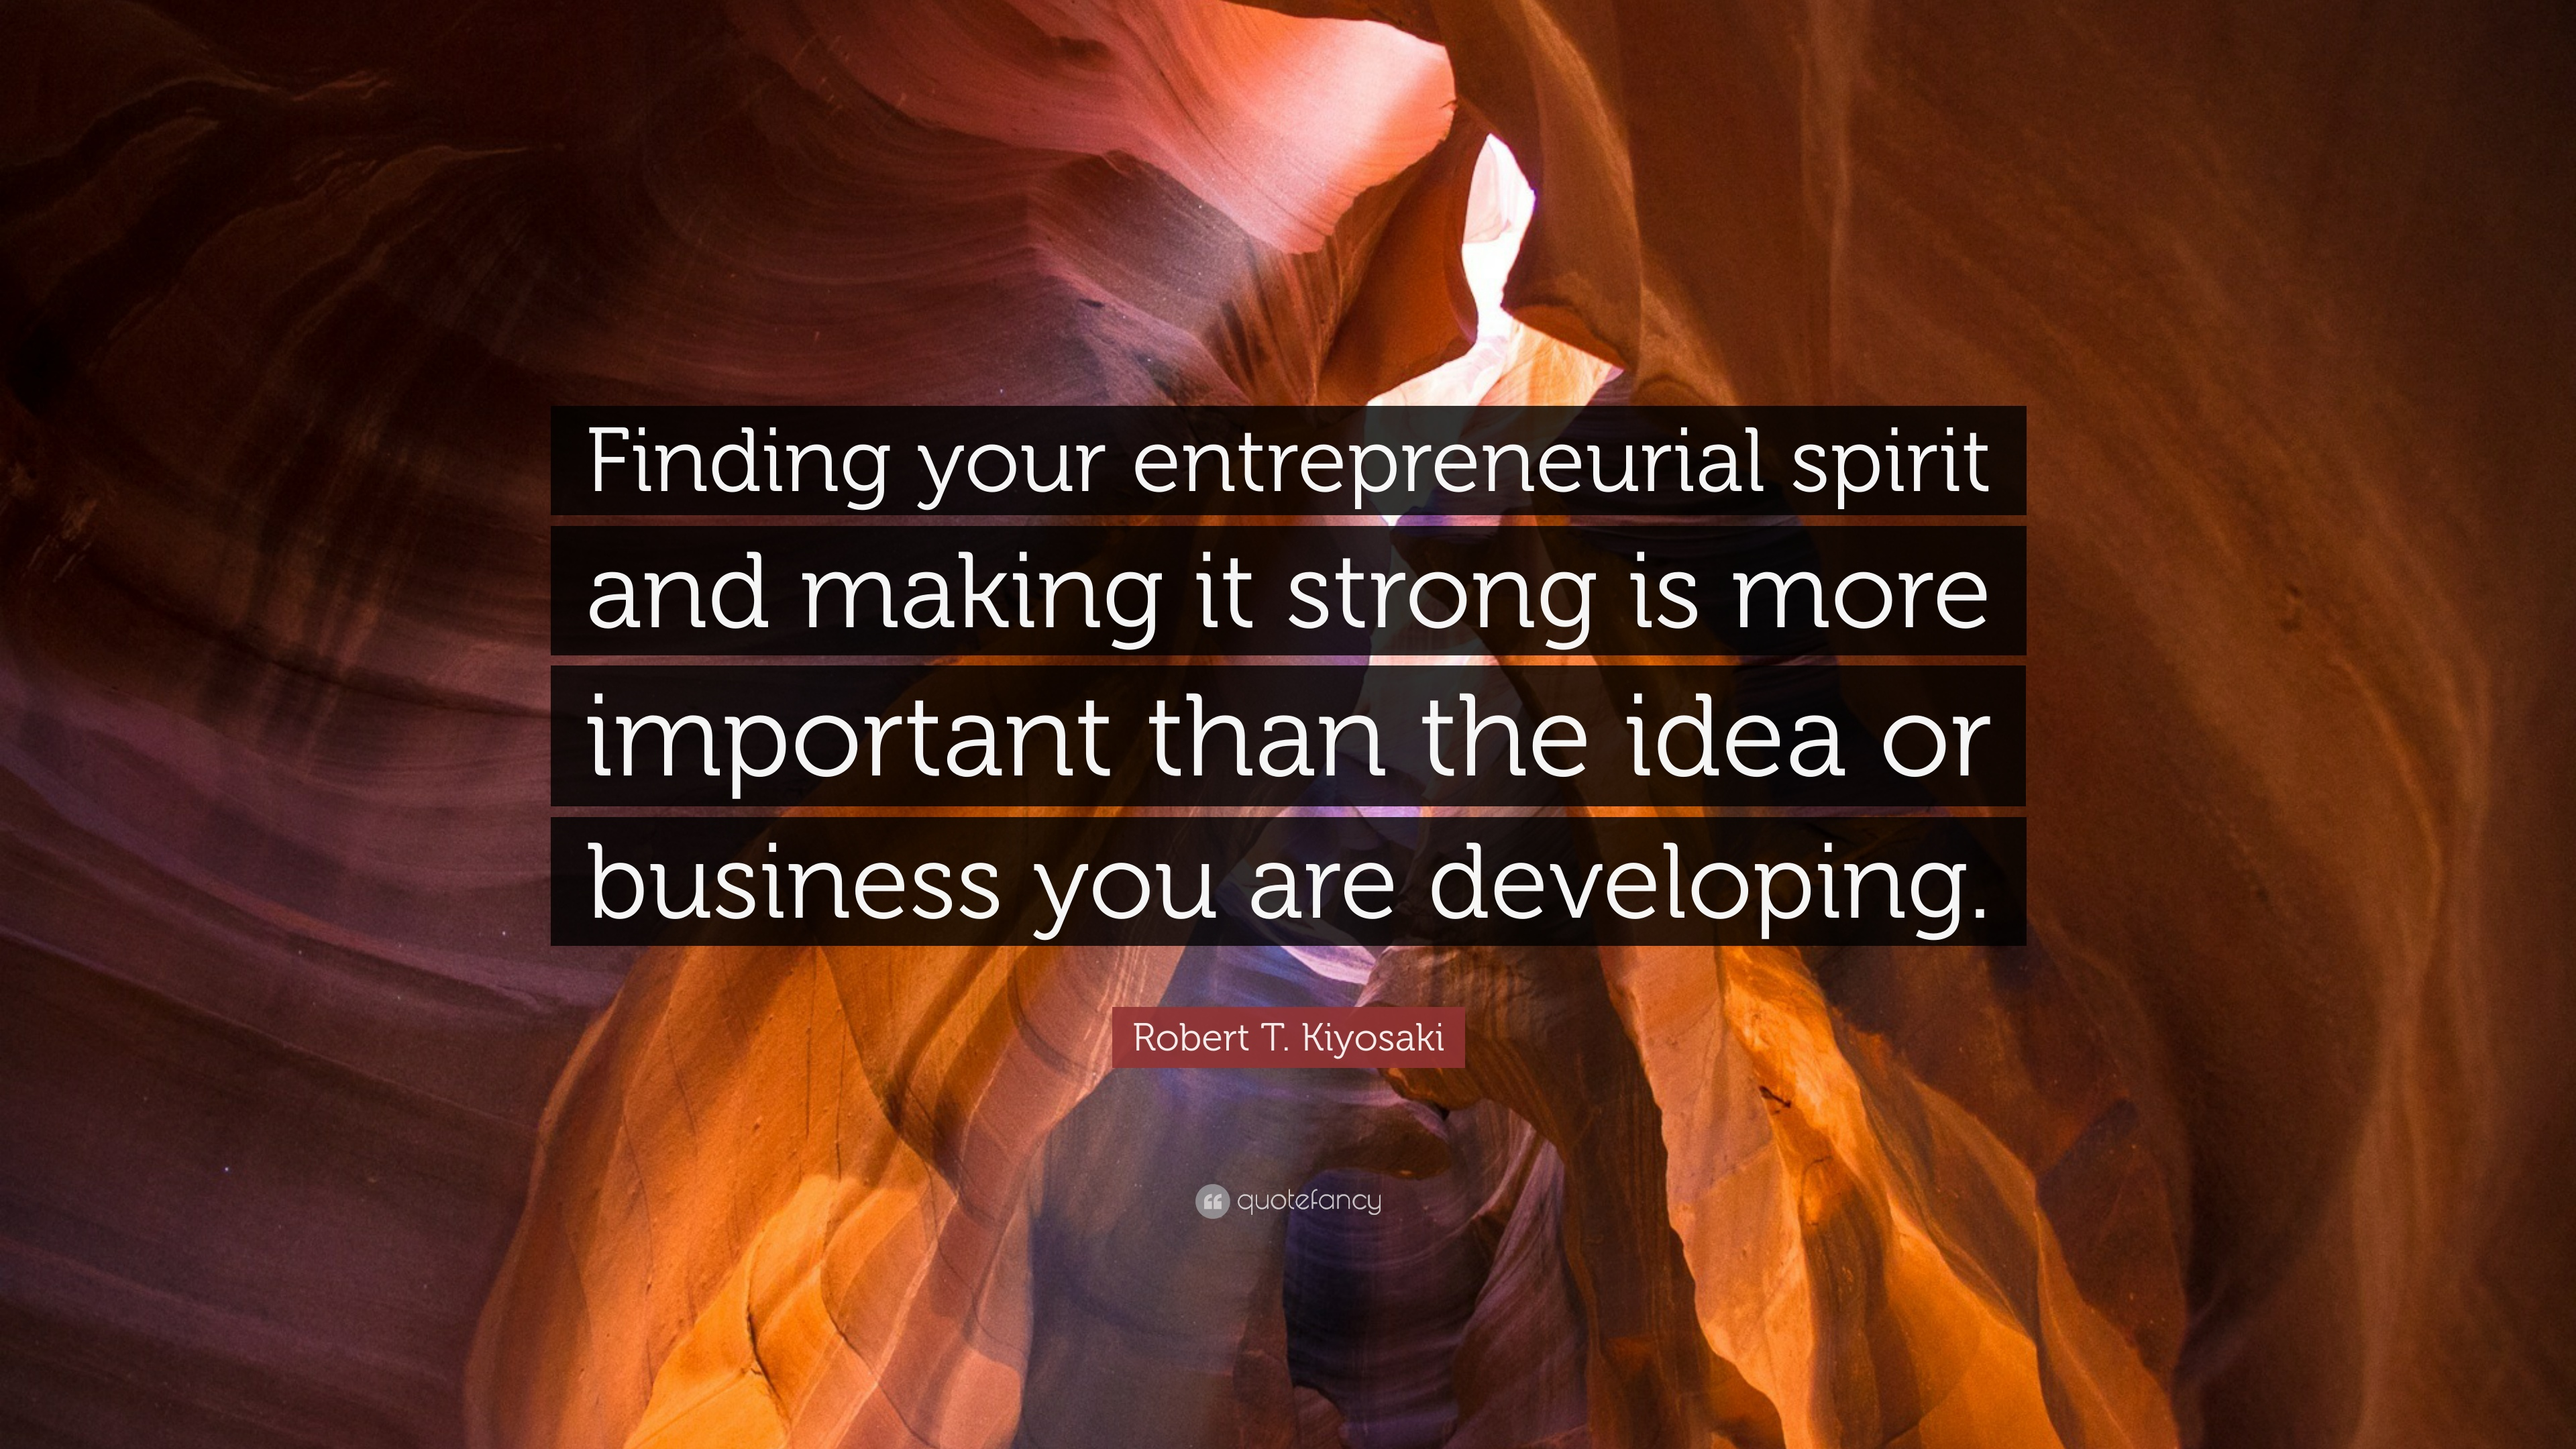 robert t kiyosaki quote finding your entrepreneurial spirit and robert t kiyosaki quote finding your entrepreneurial spirit and making it strong is